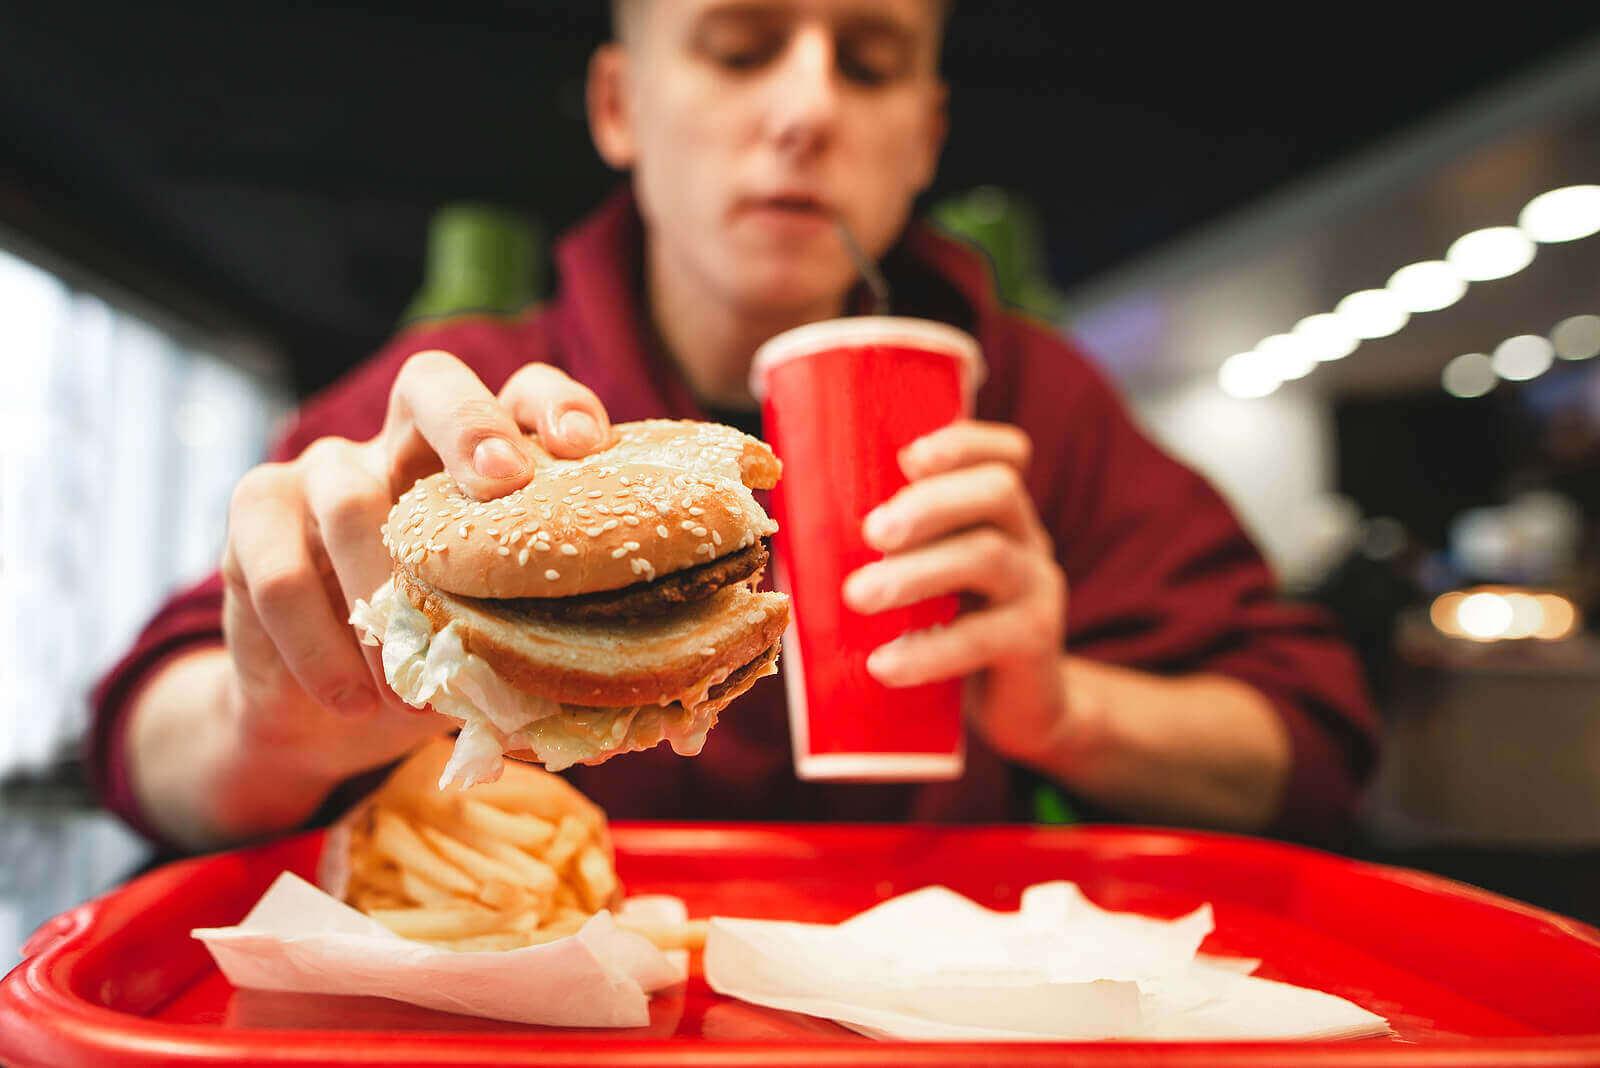 Sunne oppskrifter på fast food for tenåringer